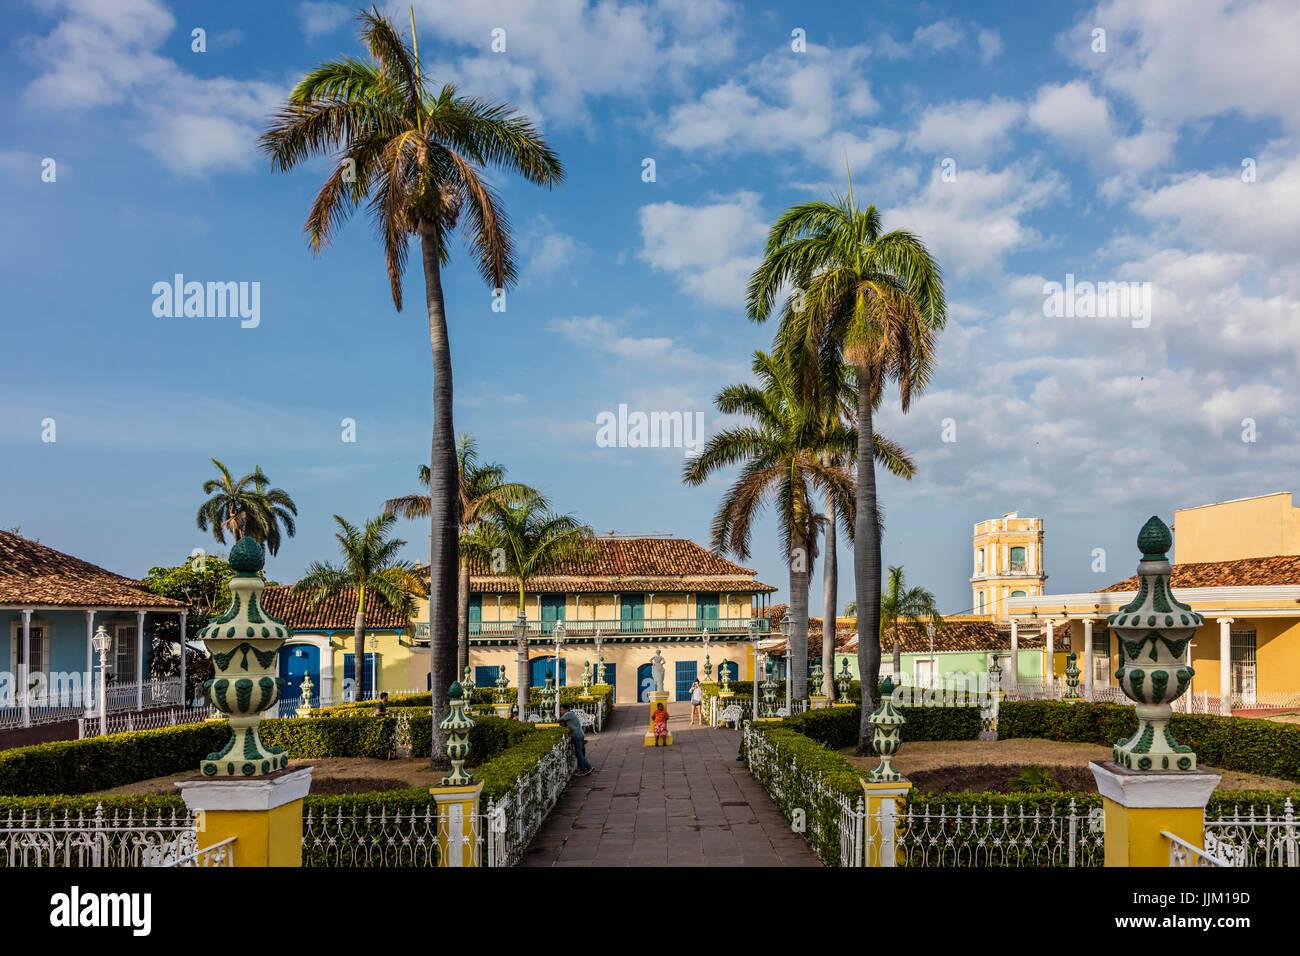 La Plaza Mayor est entourée de bâtiments historiques au cœur de la ville - Trinidad, Cuba Photo Stock